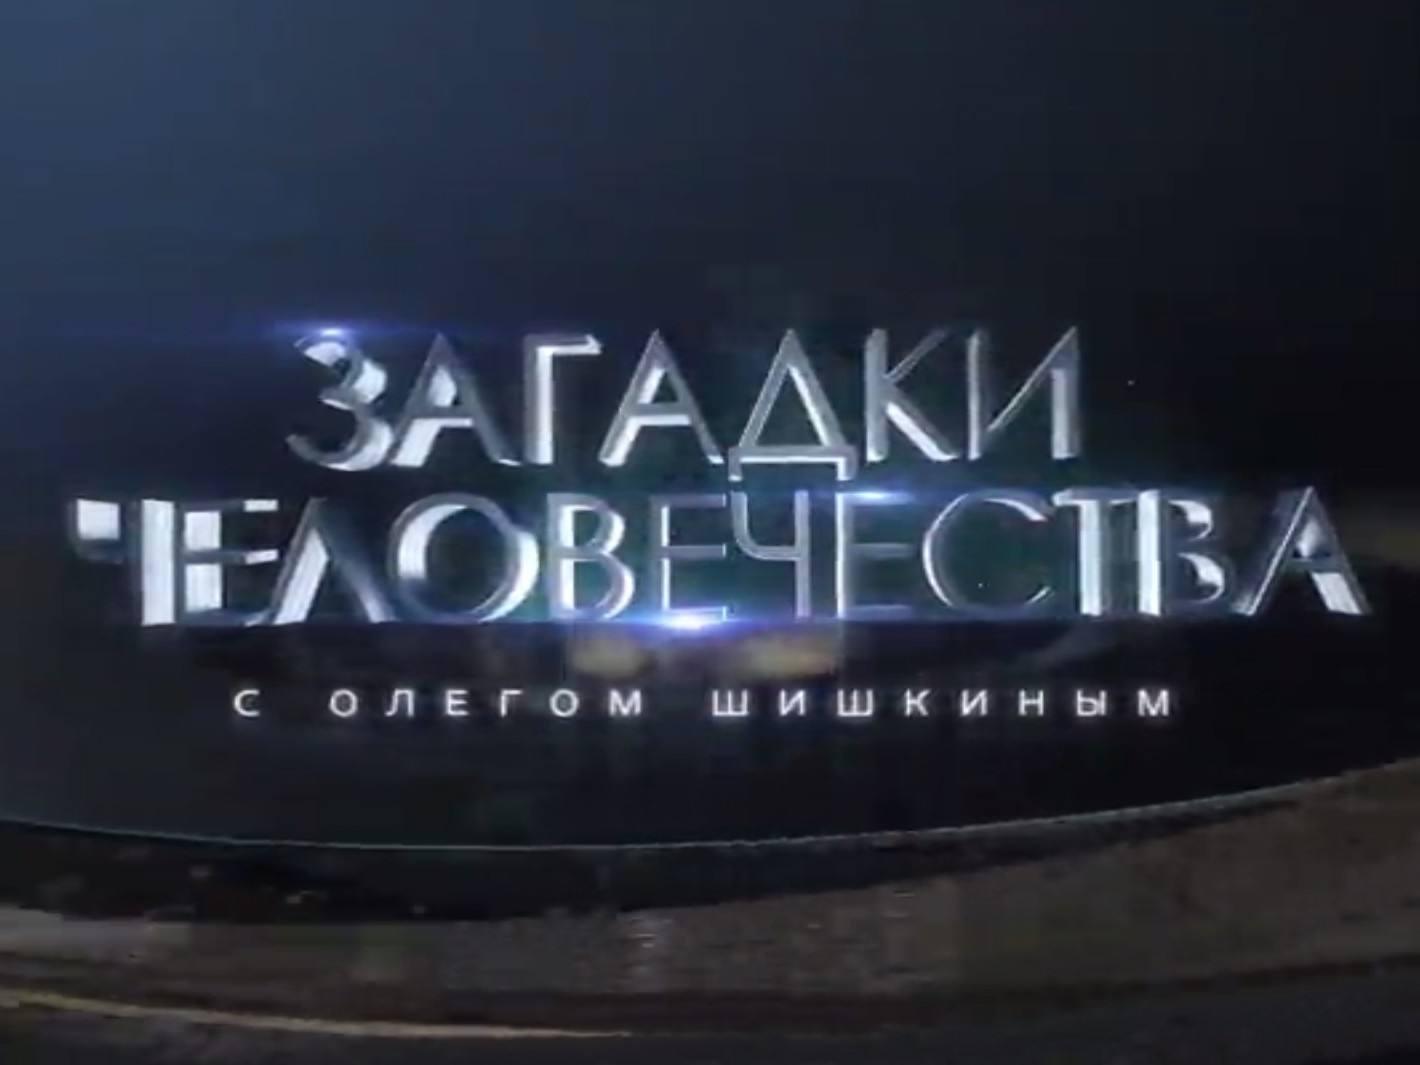 Загадки человечества с Олегом Шишкиным 380 серия в 23:30 на канале РЕН ТВ